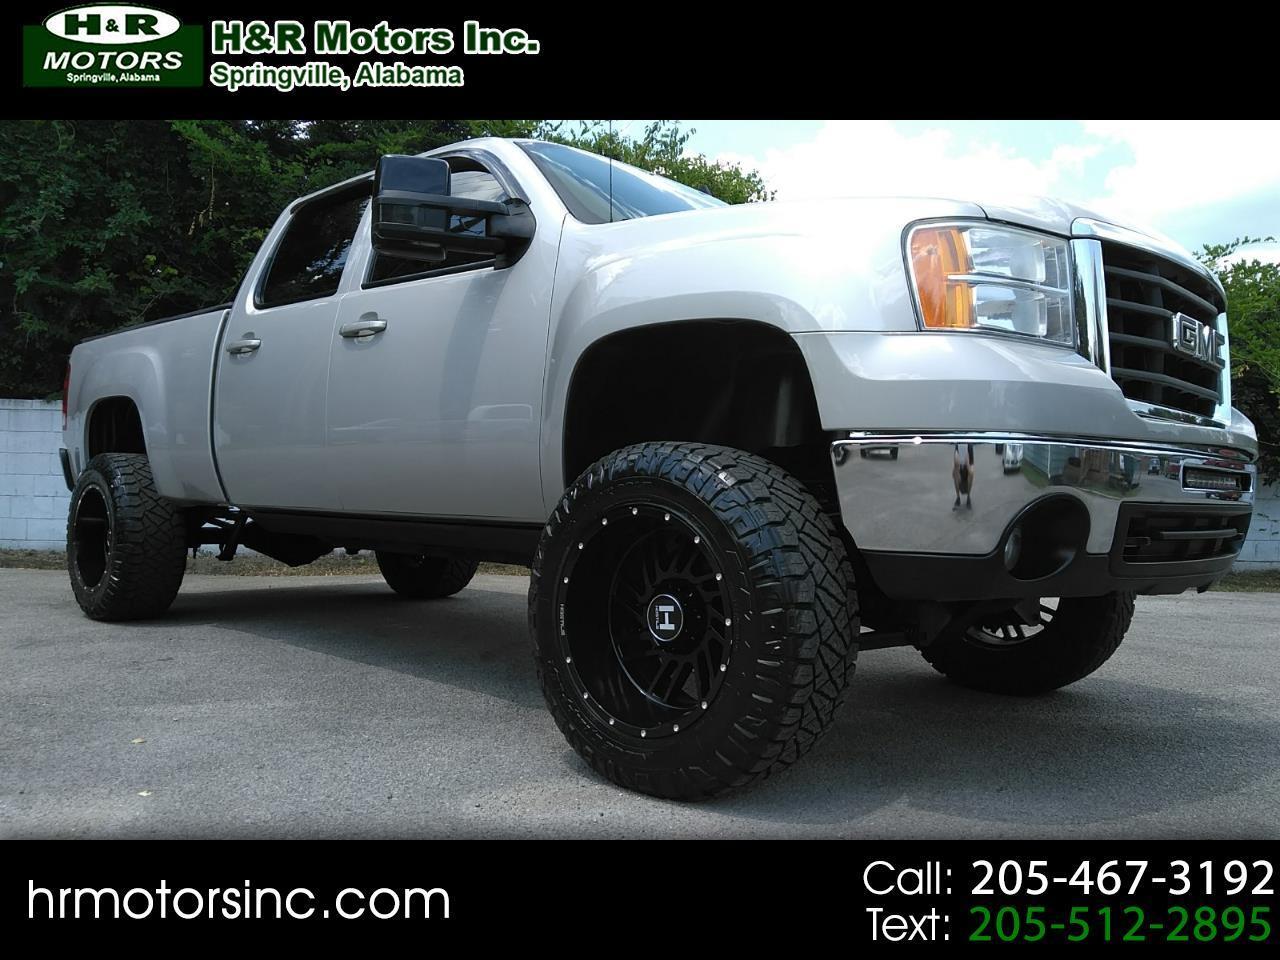 2008 GMC Sierra 2500HD 2500 HEAVY DUTY